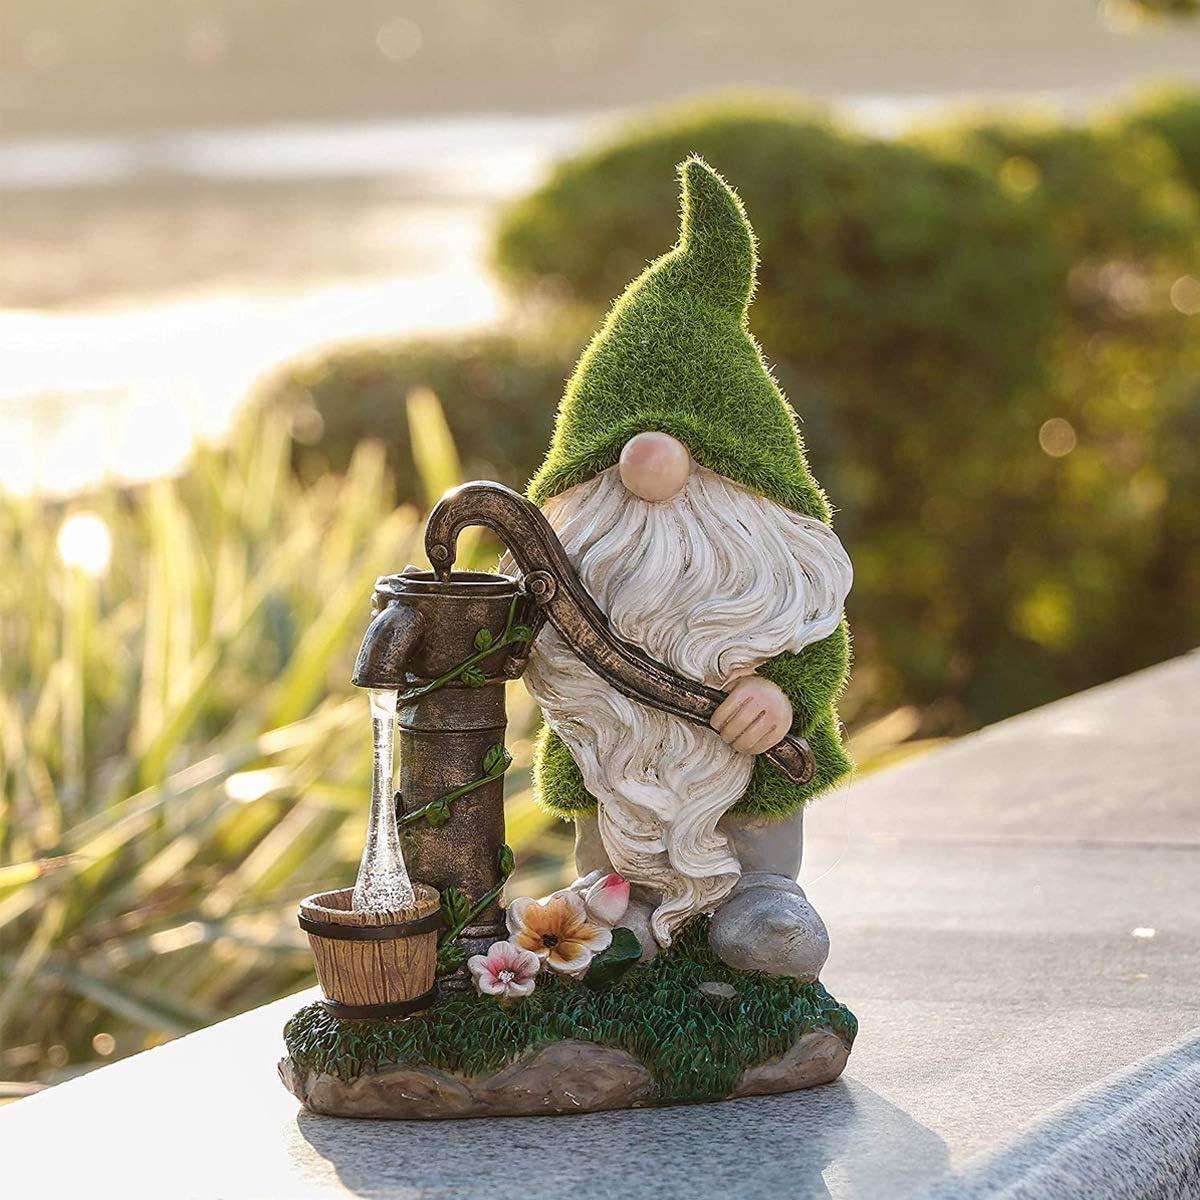 Estatua De Gnomo De Jard/ín Game of Gnomes Gnomo De Jard/ín Ornamento Solar De Resina Para Exteriores Pintado A Mano Y Resistente A La Intemperie Estatua De Gnomo Enano De Resina Para Decoraci/ón